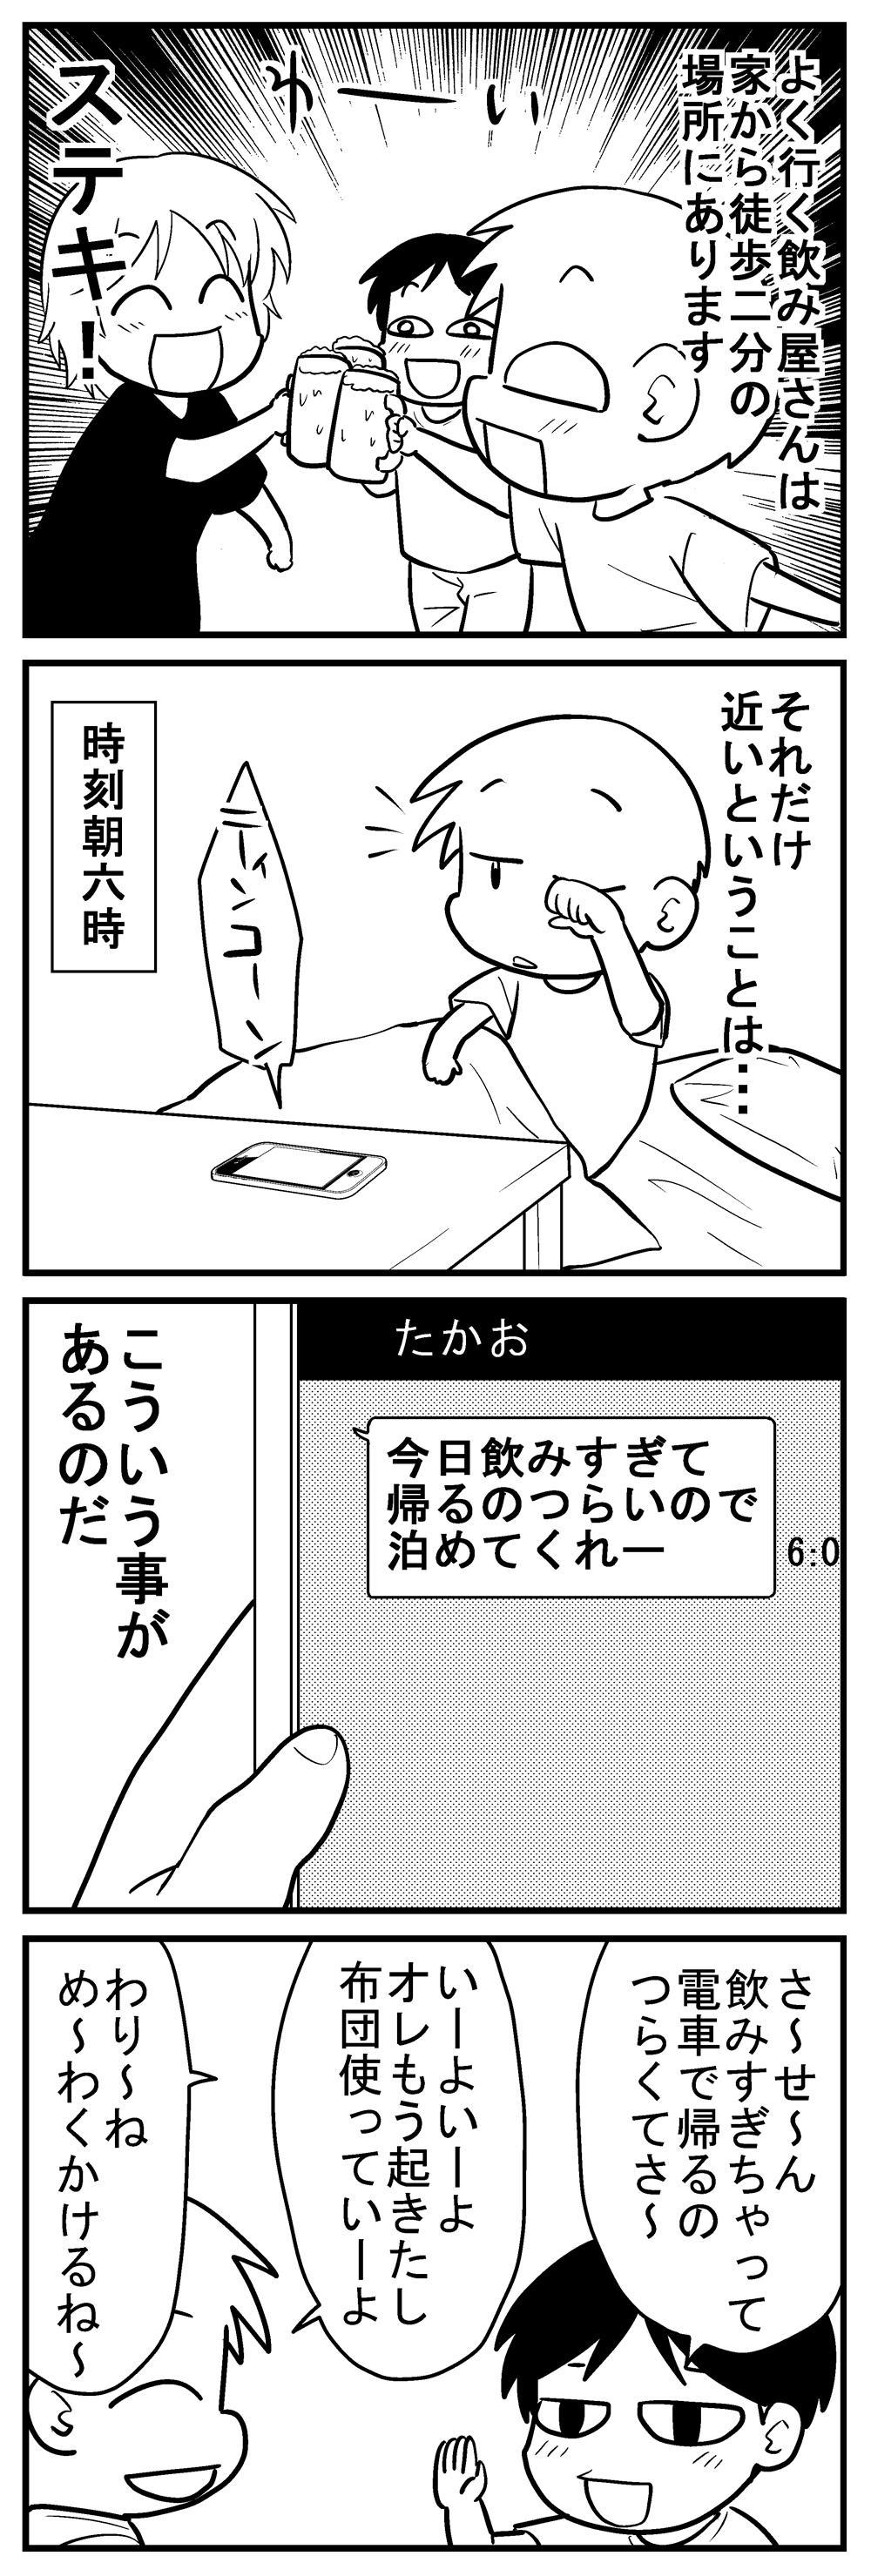 深読みくん92-1